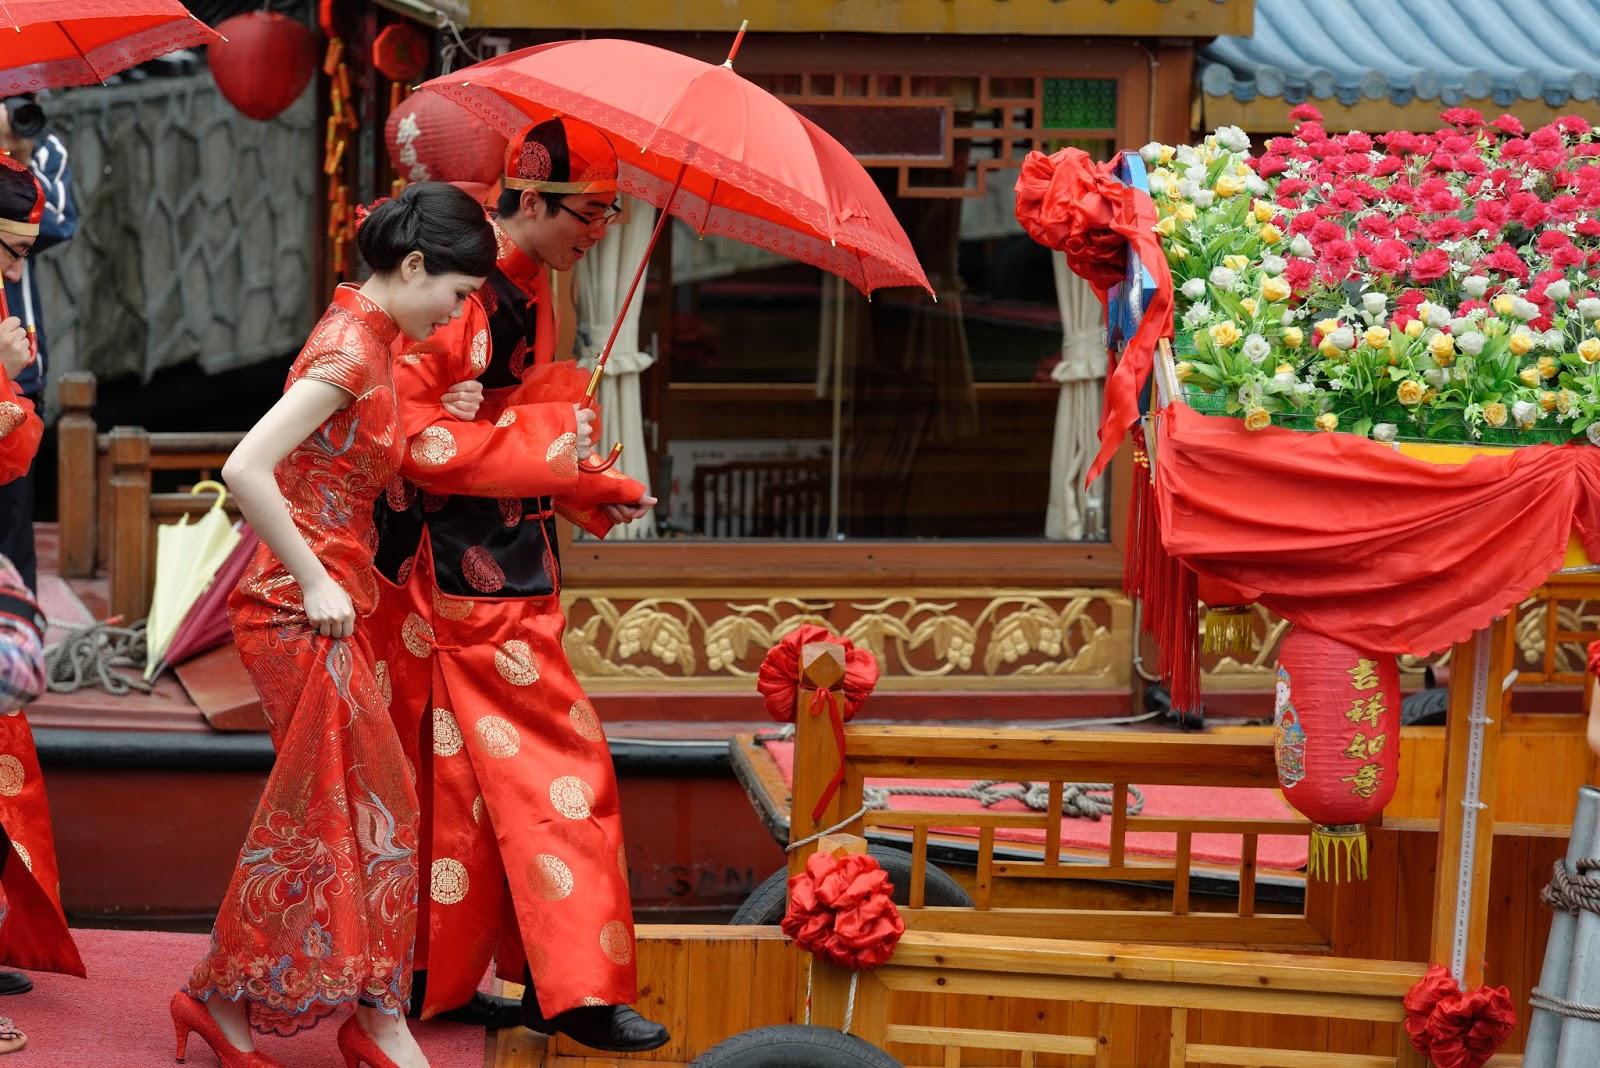 Casal chinês com guarda-chuva e preparado para o casamento vermelho: ilustra a seção a respeito dos textos das linhas de ''Hsien / A Influência (Cortejar)'', um dos 64 hexagramas do I Ching, o Livro das Mutações